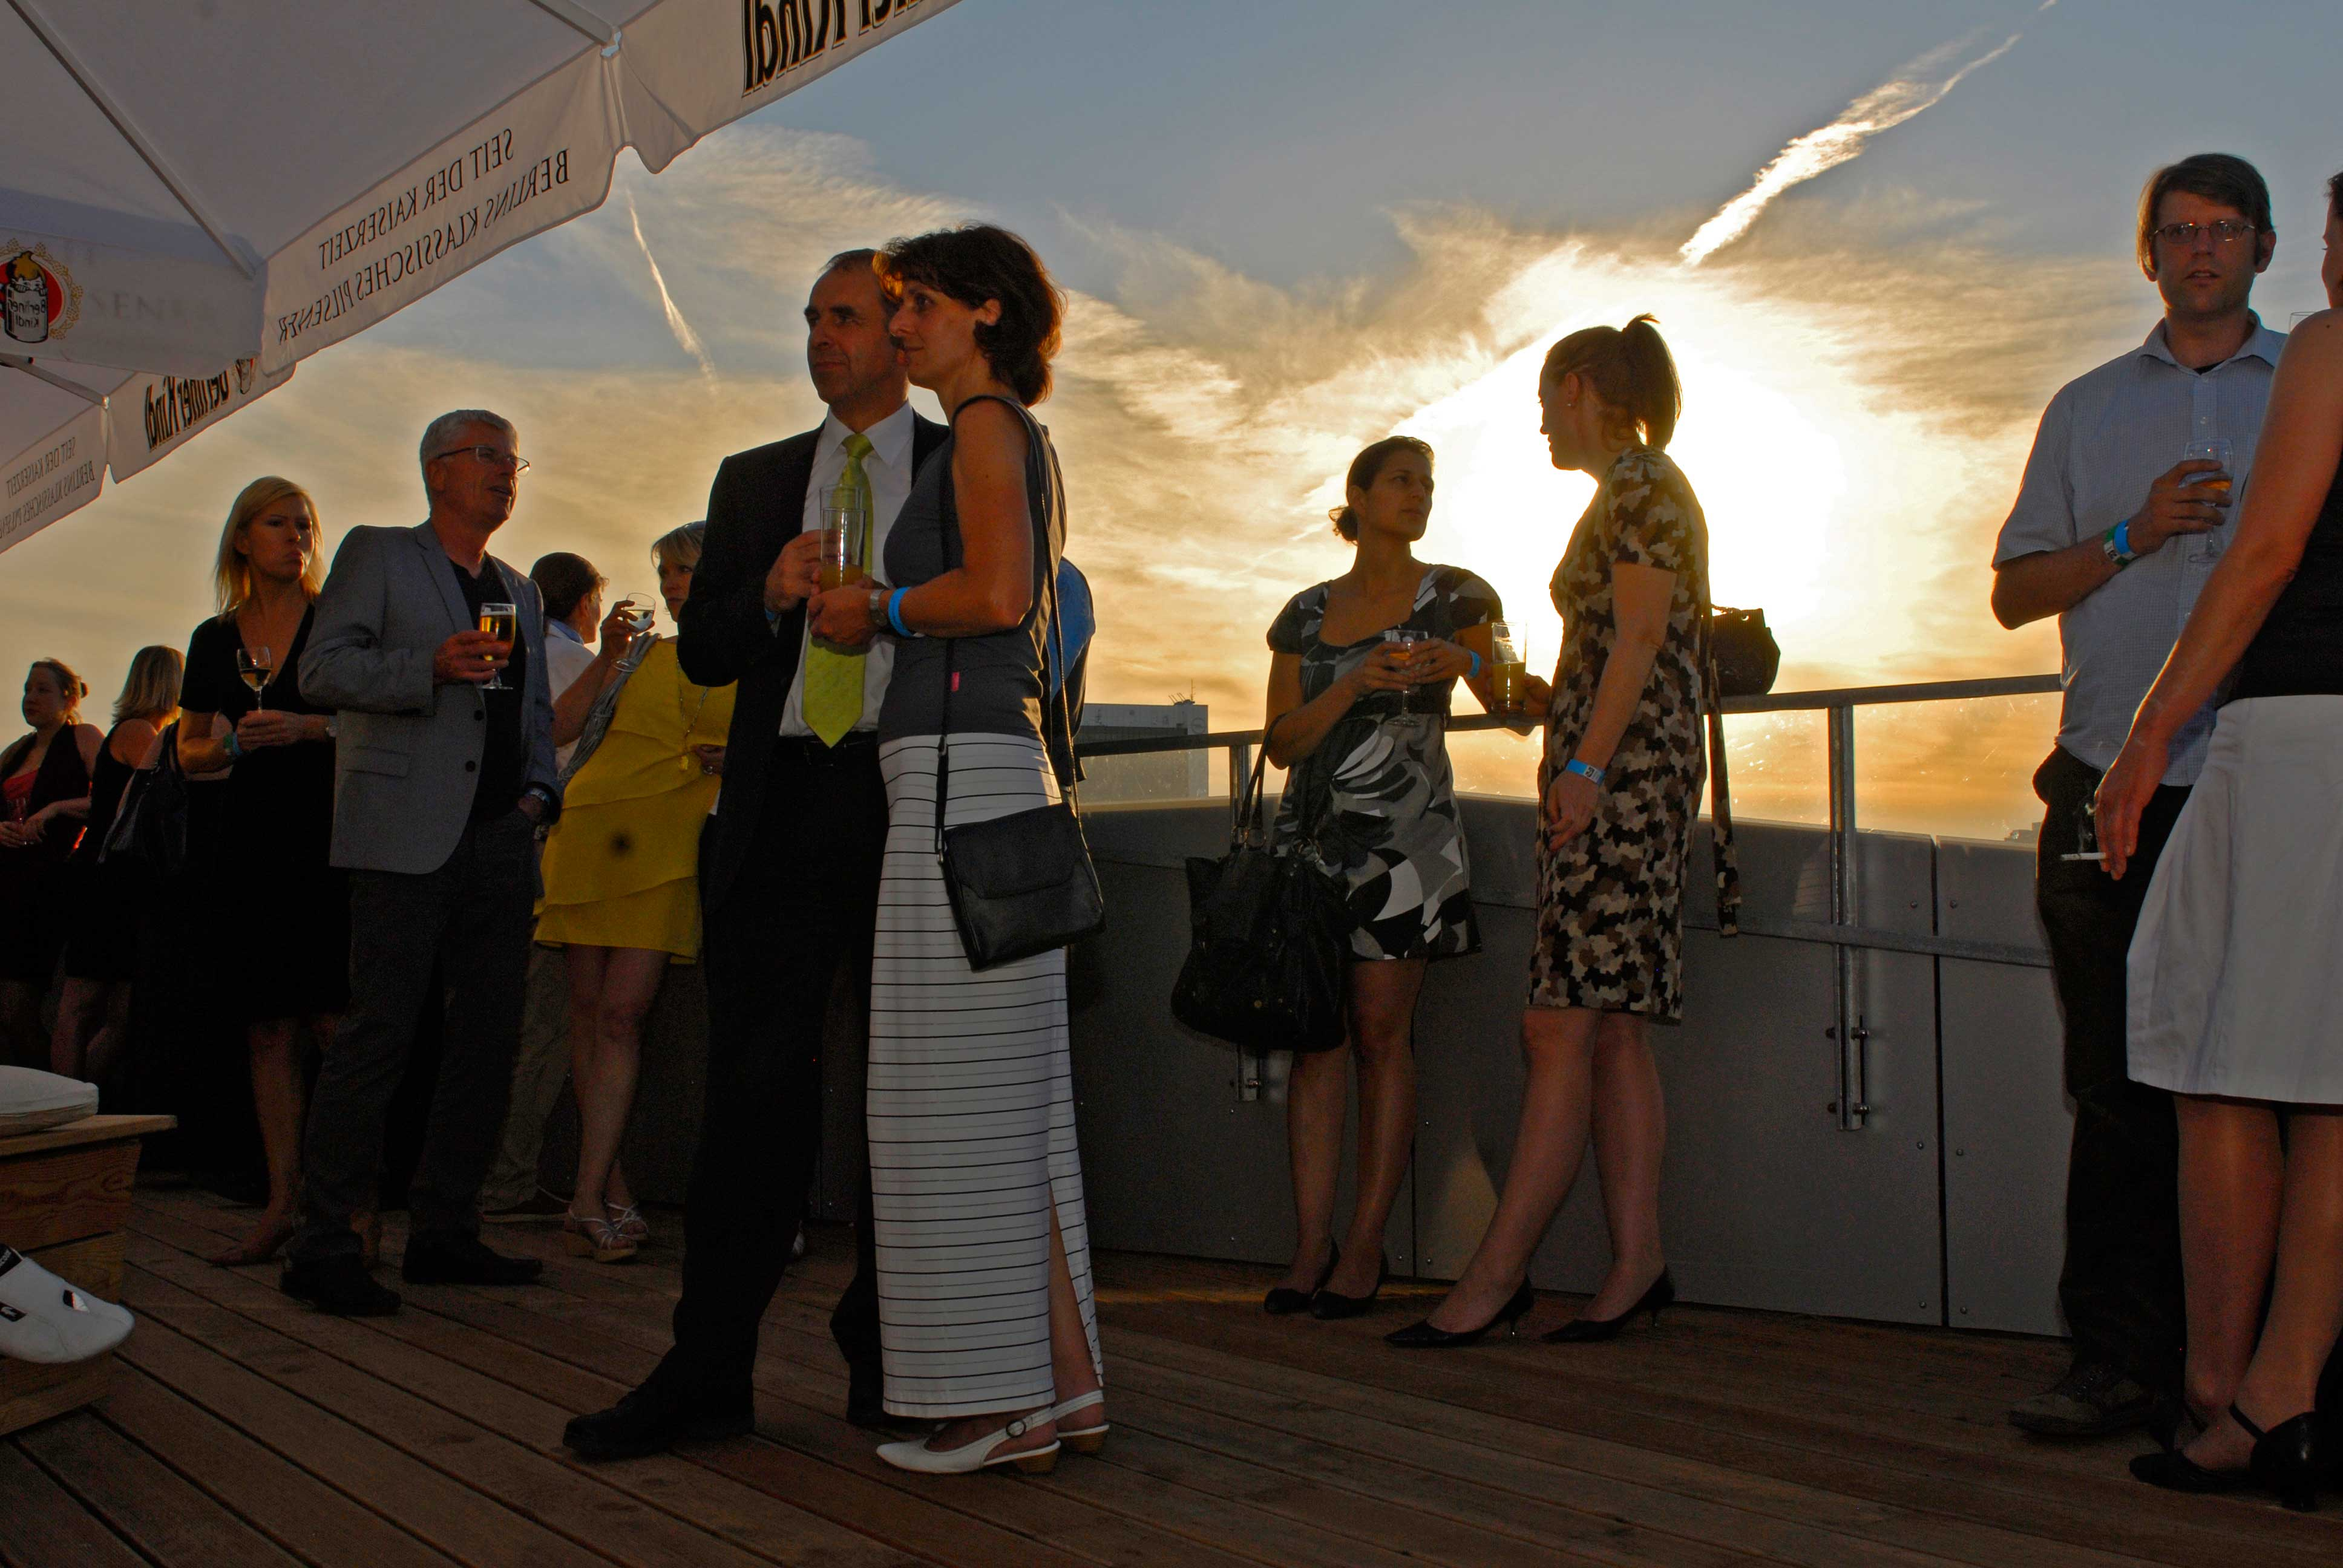 Sonnenuntergang von Dachterrasse Humboldt Box